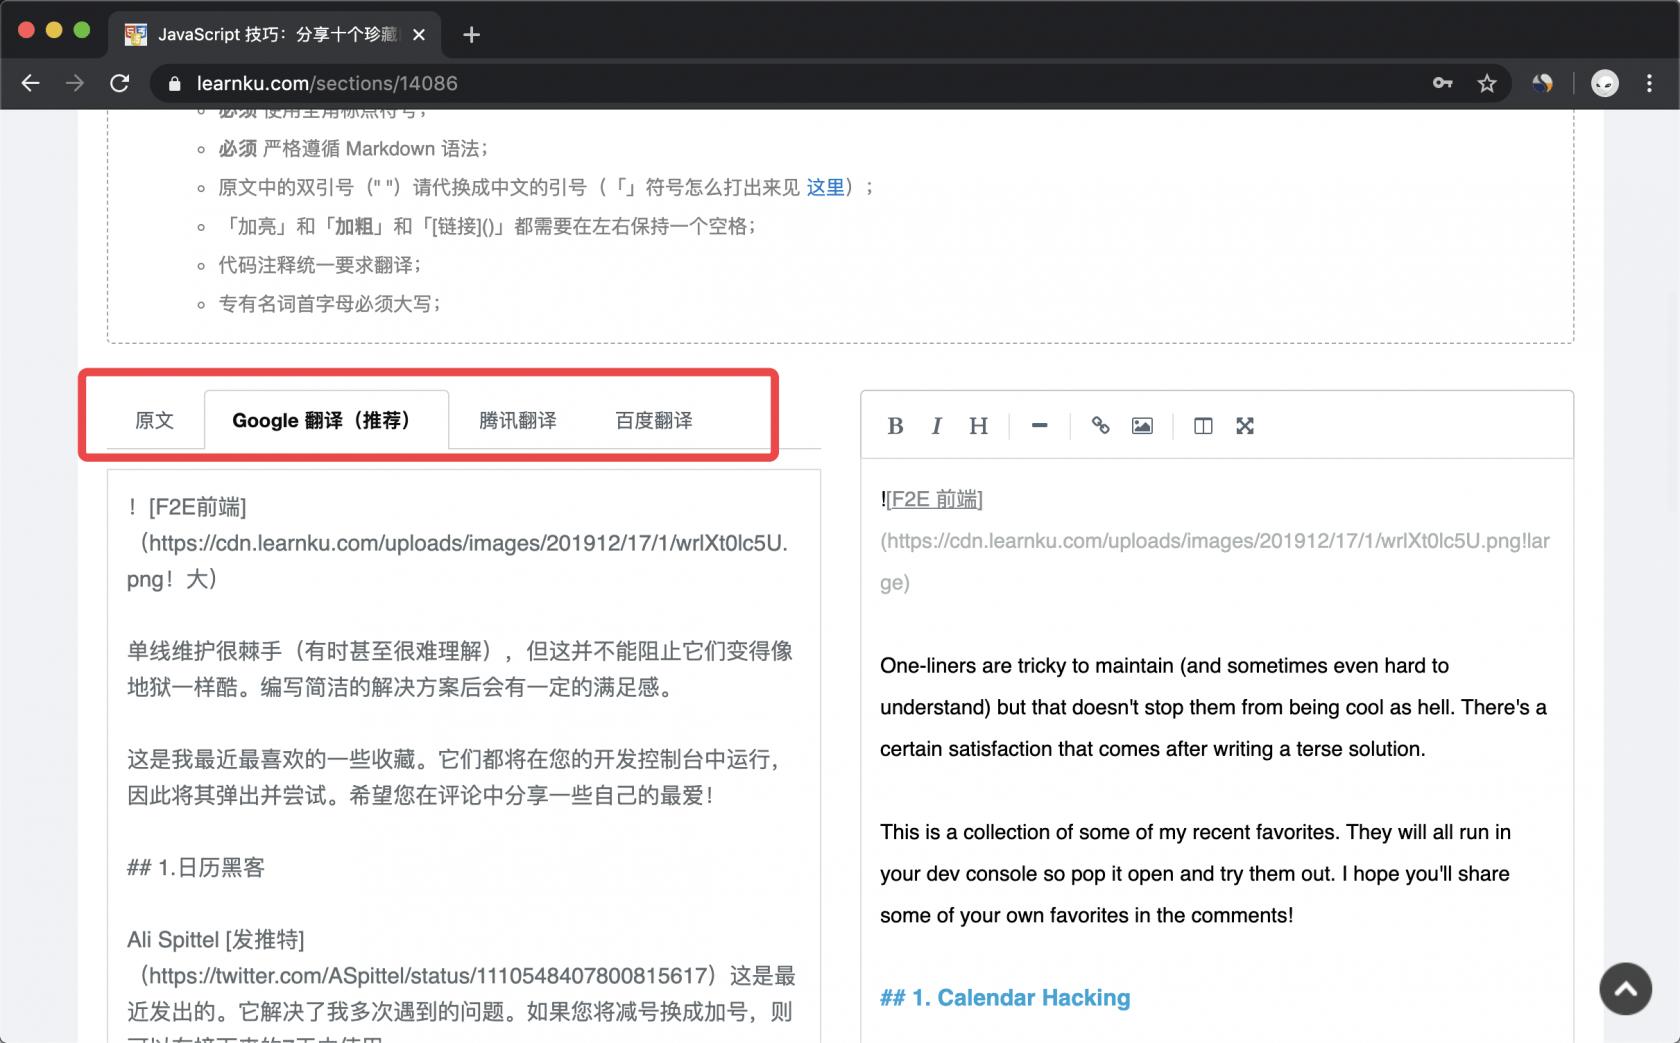 [翻译功能改进]:现支持 Google、百度翻译快速参考